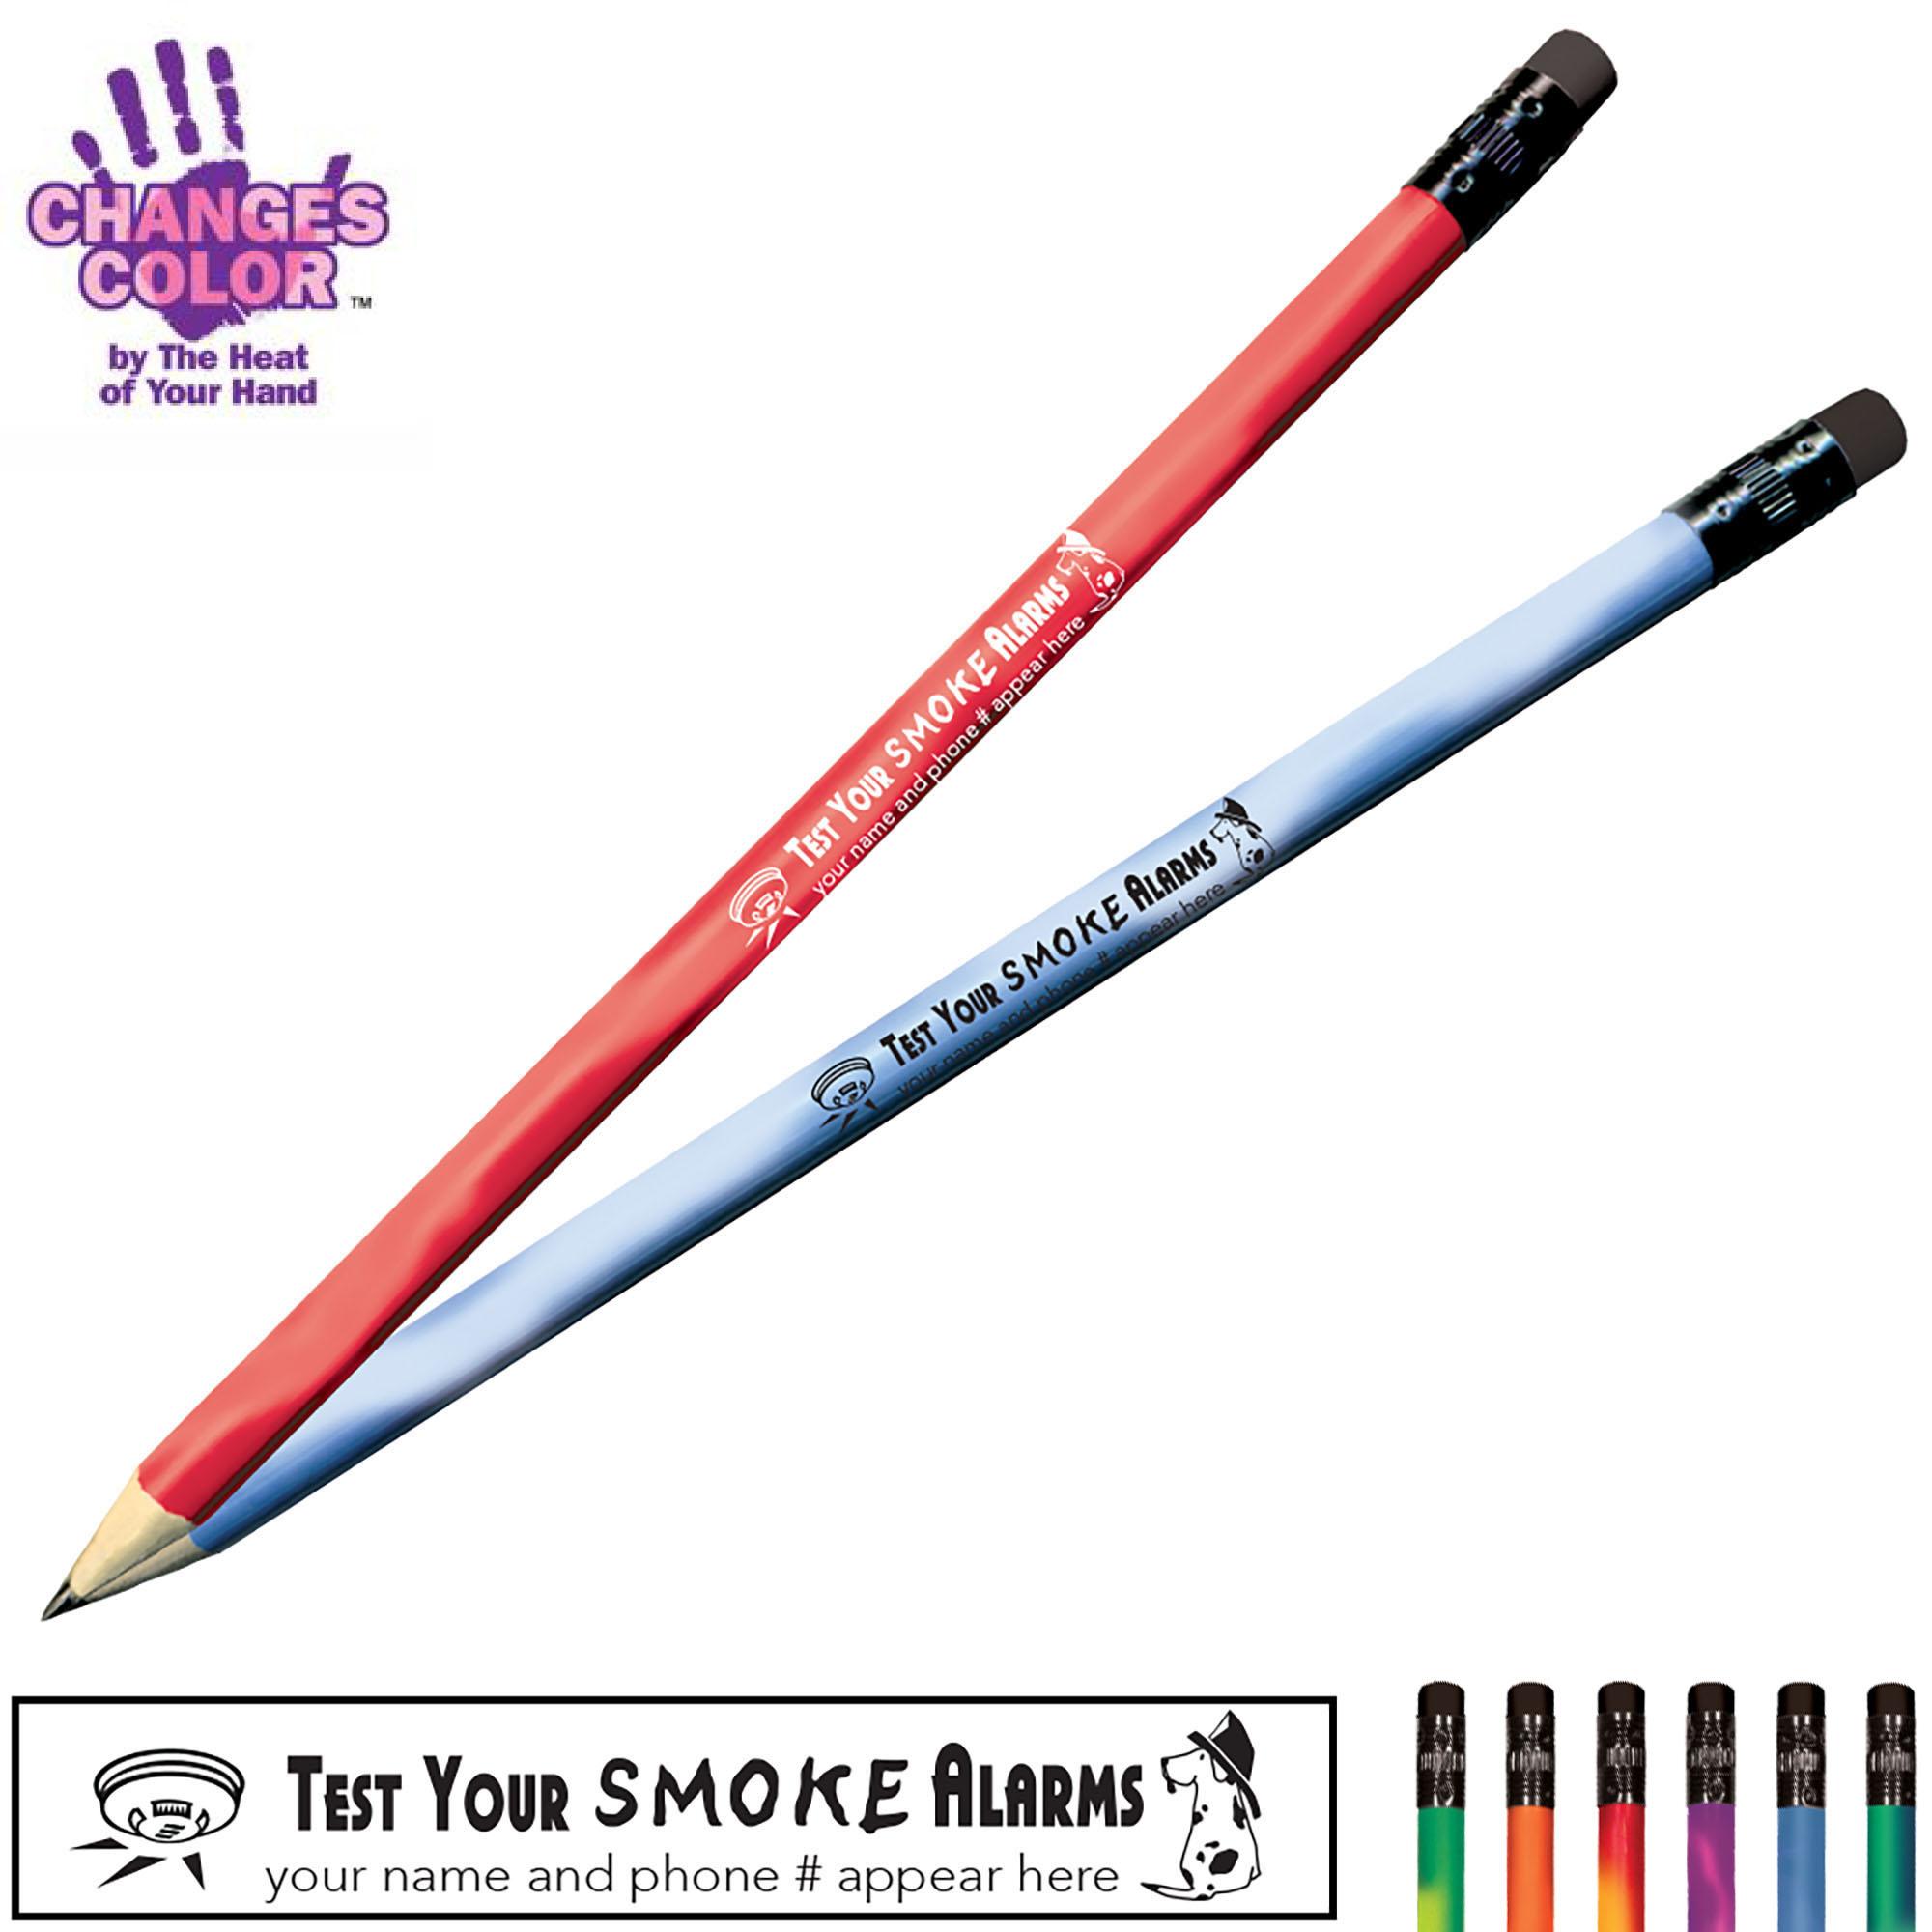 Test Your Smoke Alarms Mood Pencil